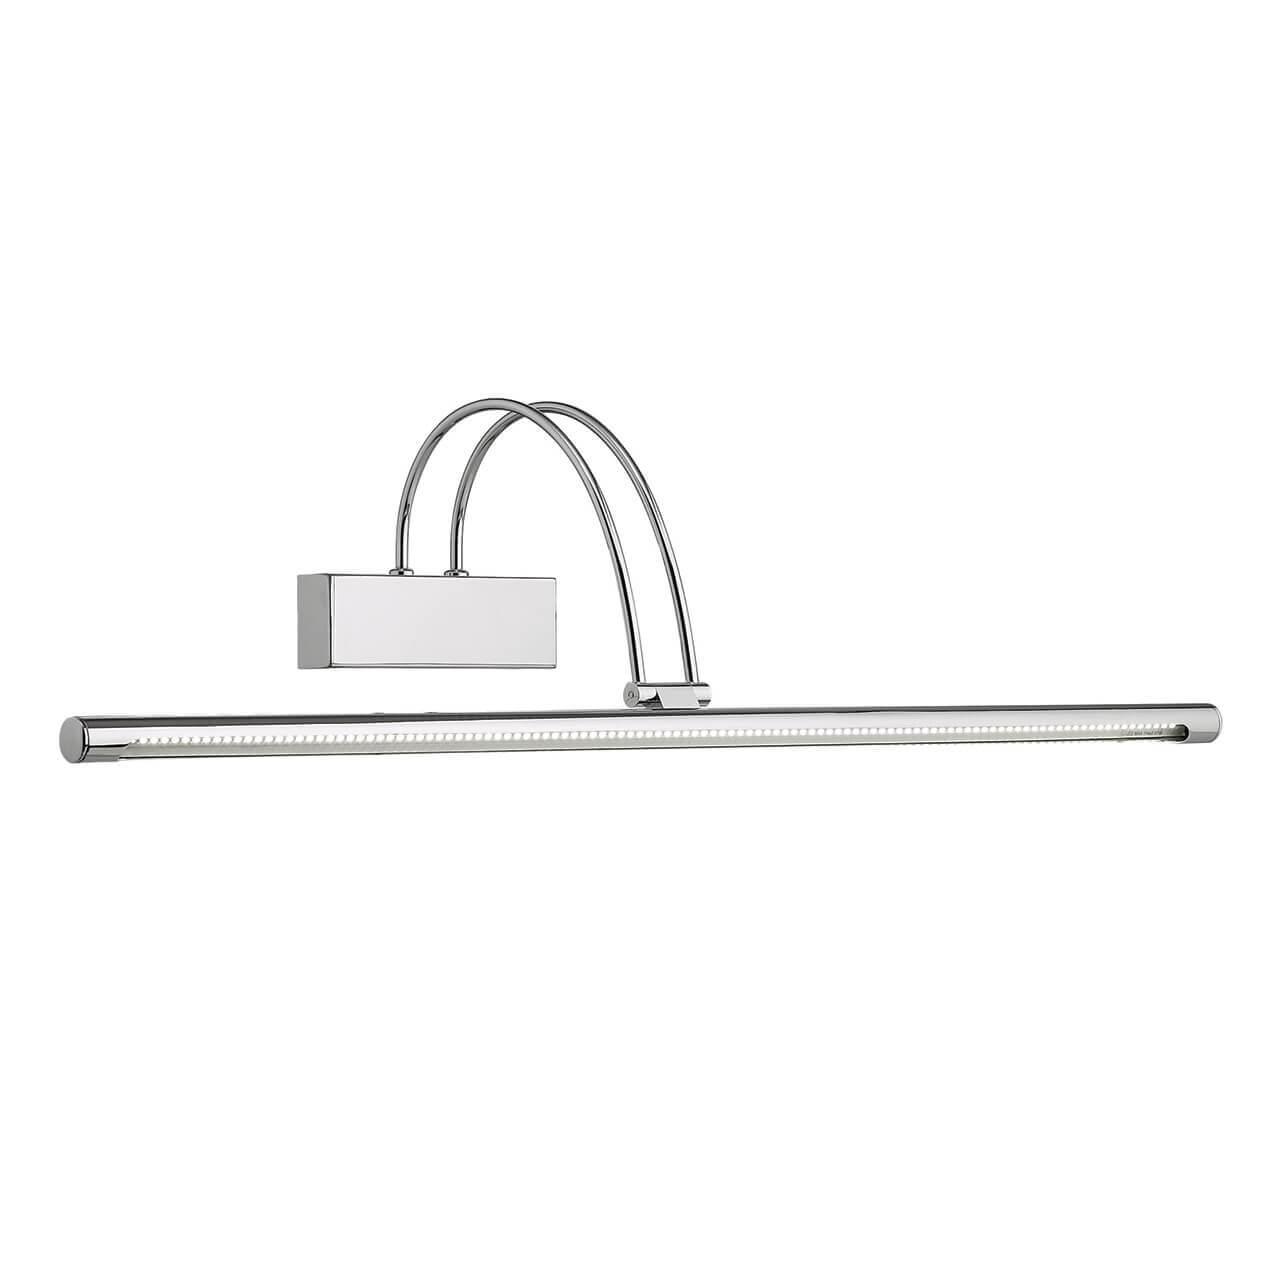 Подсветка для картин Ideal Lux Bow AP114 Cromo цена